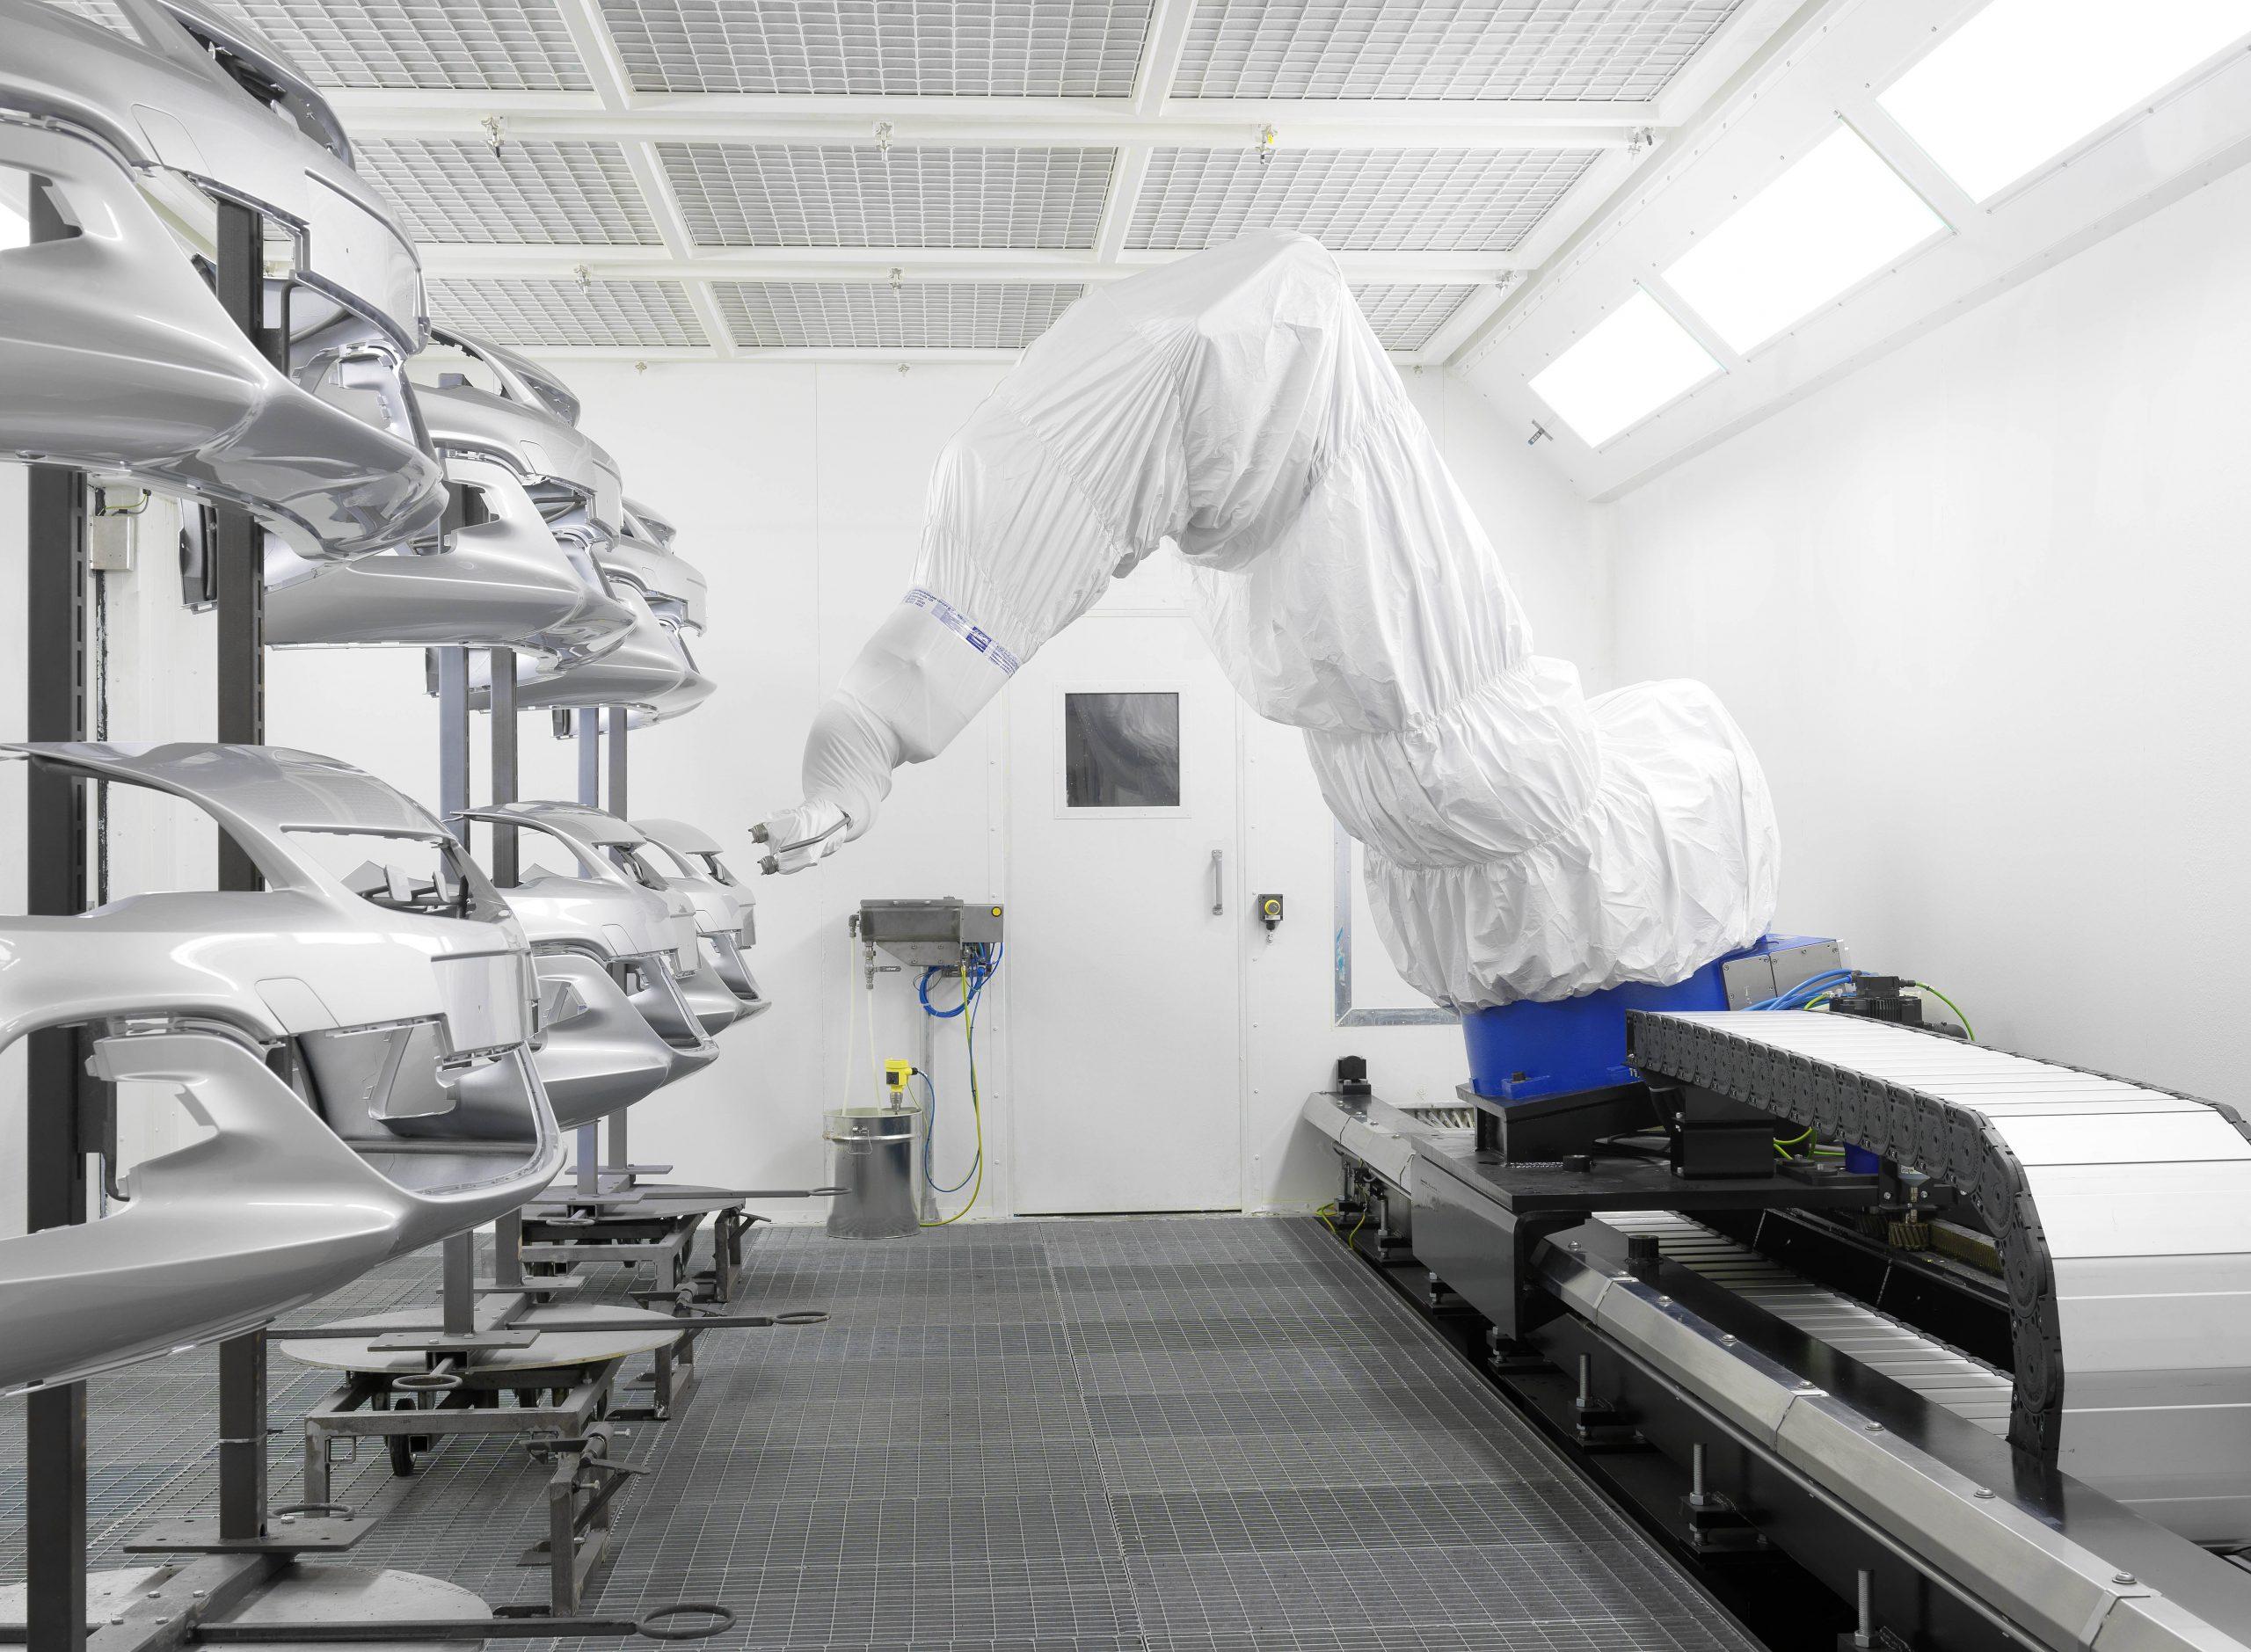 KSK bietet unterschiedliche Lackierverfahren an - von Hand bis automatisch, von Einzelanfertigung bis Großserie. (links) (Bild: KSK Industrielackierungen)